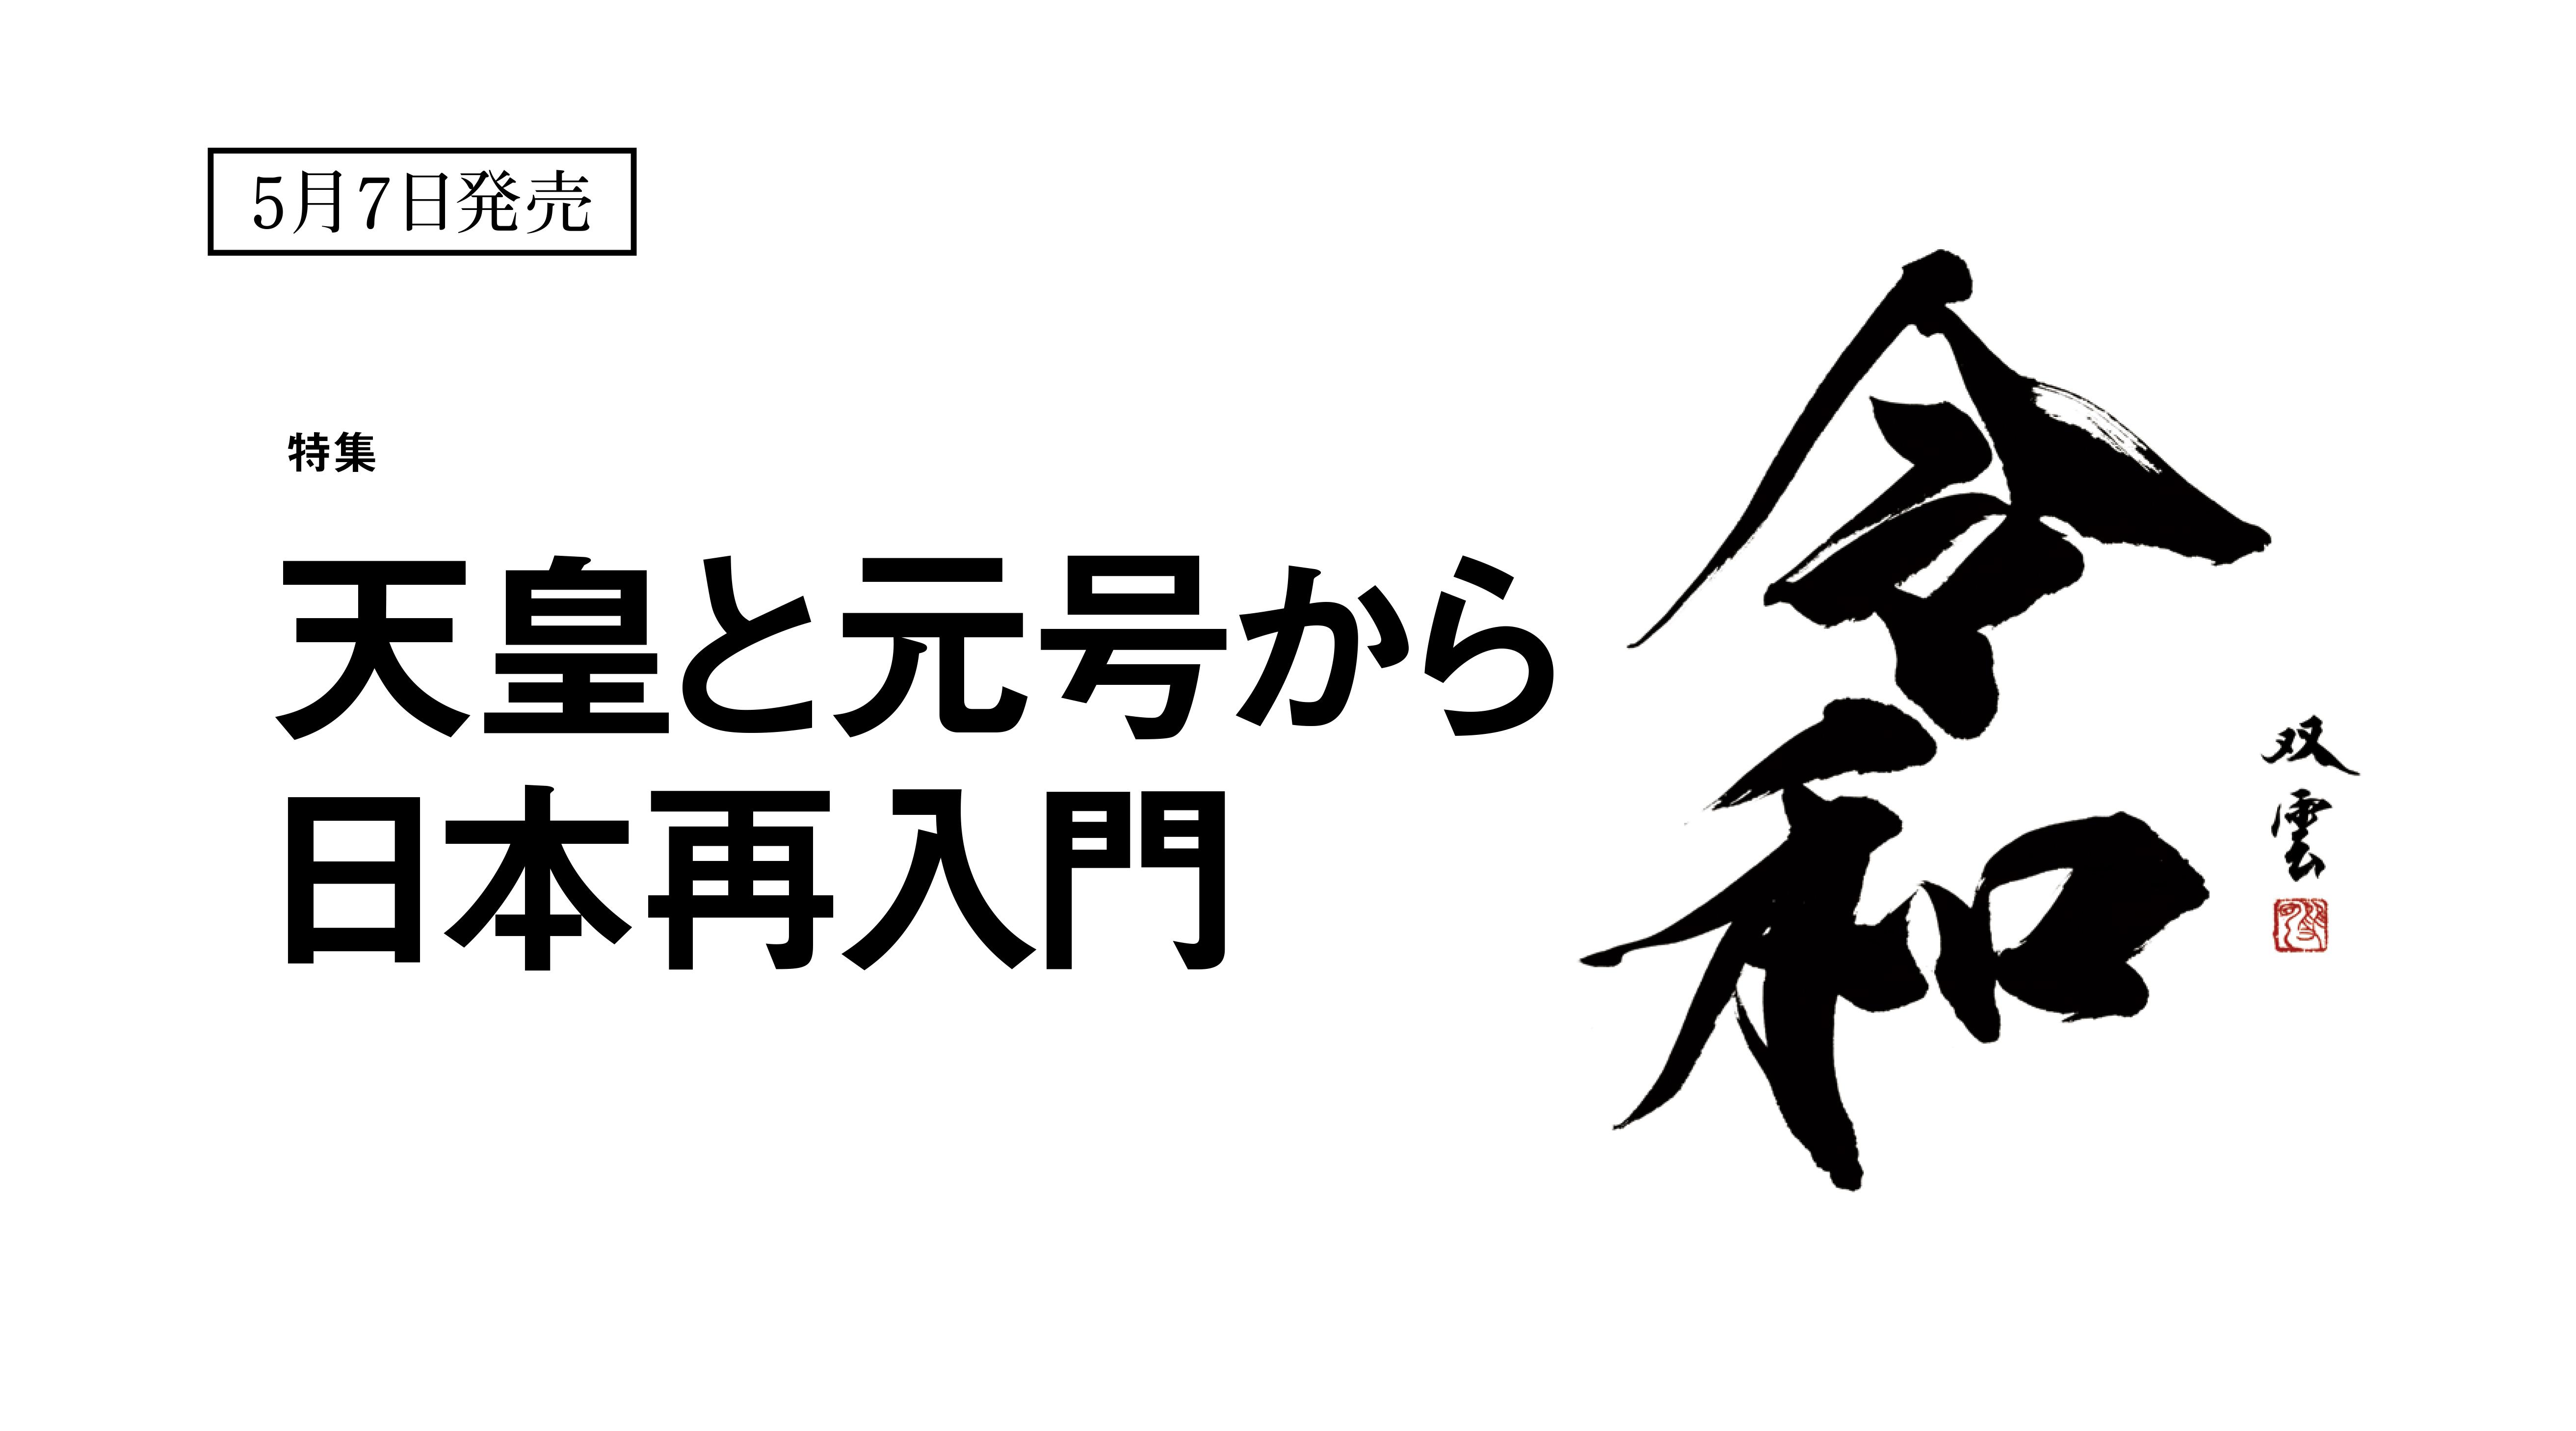 特集:天皇と元号から日本再入門<br/>【5/7発売】Discover Japan6月号